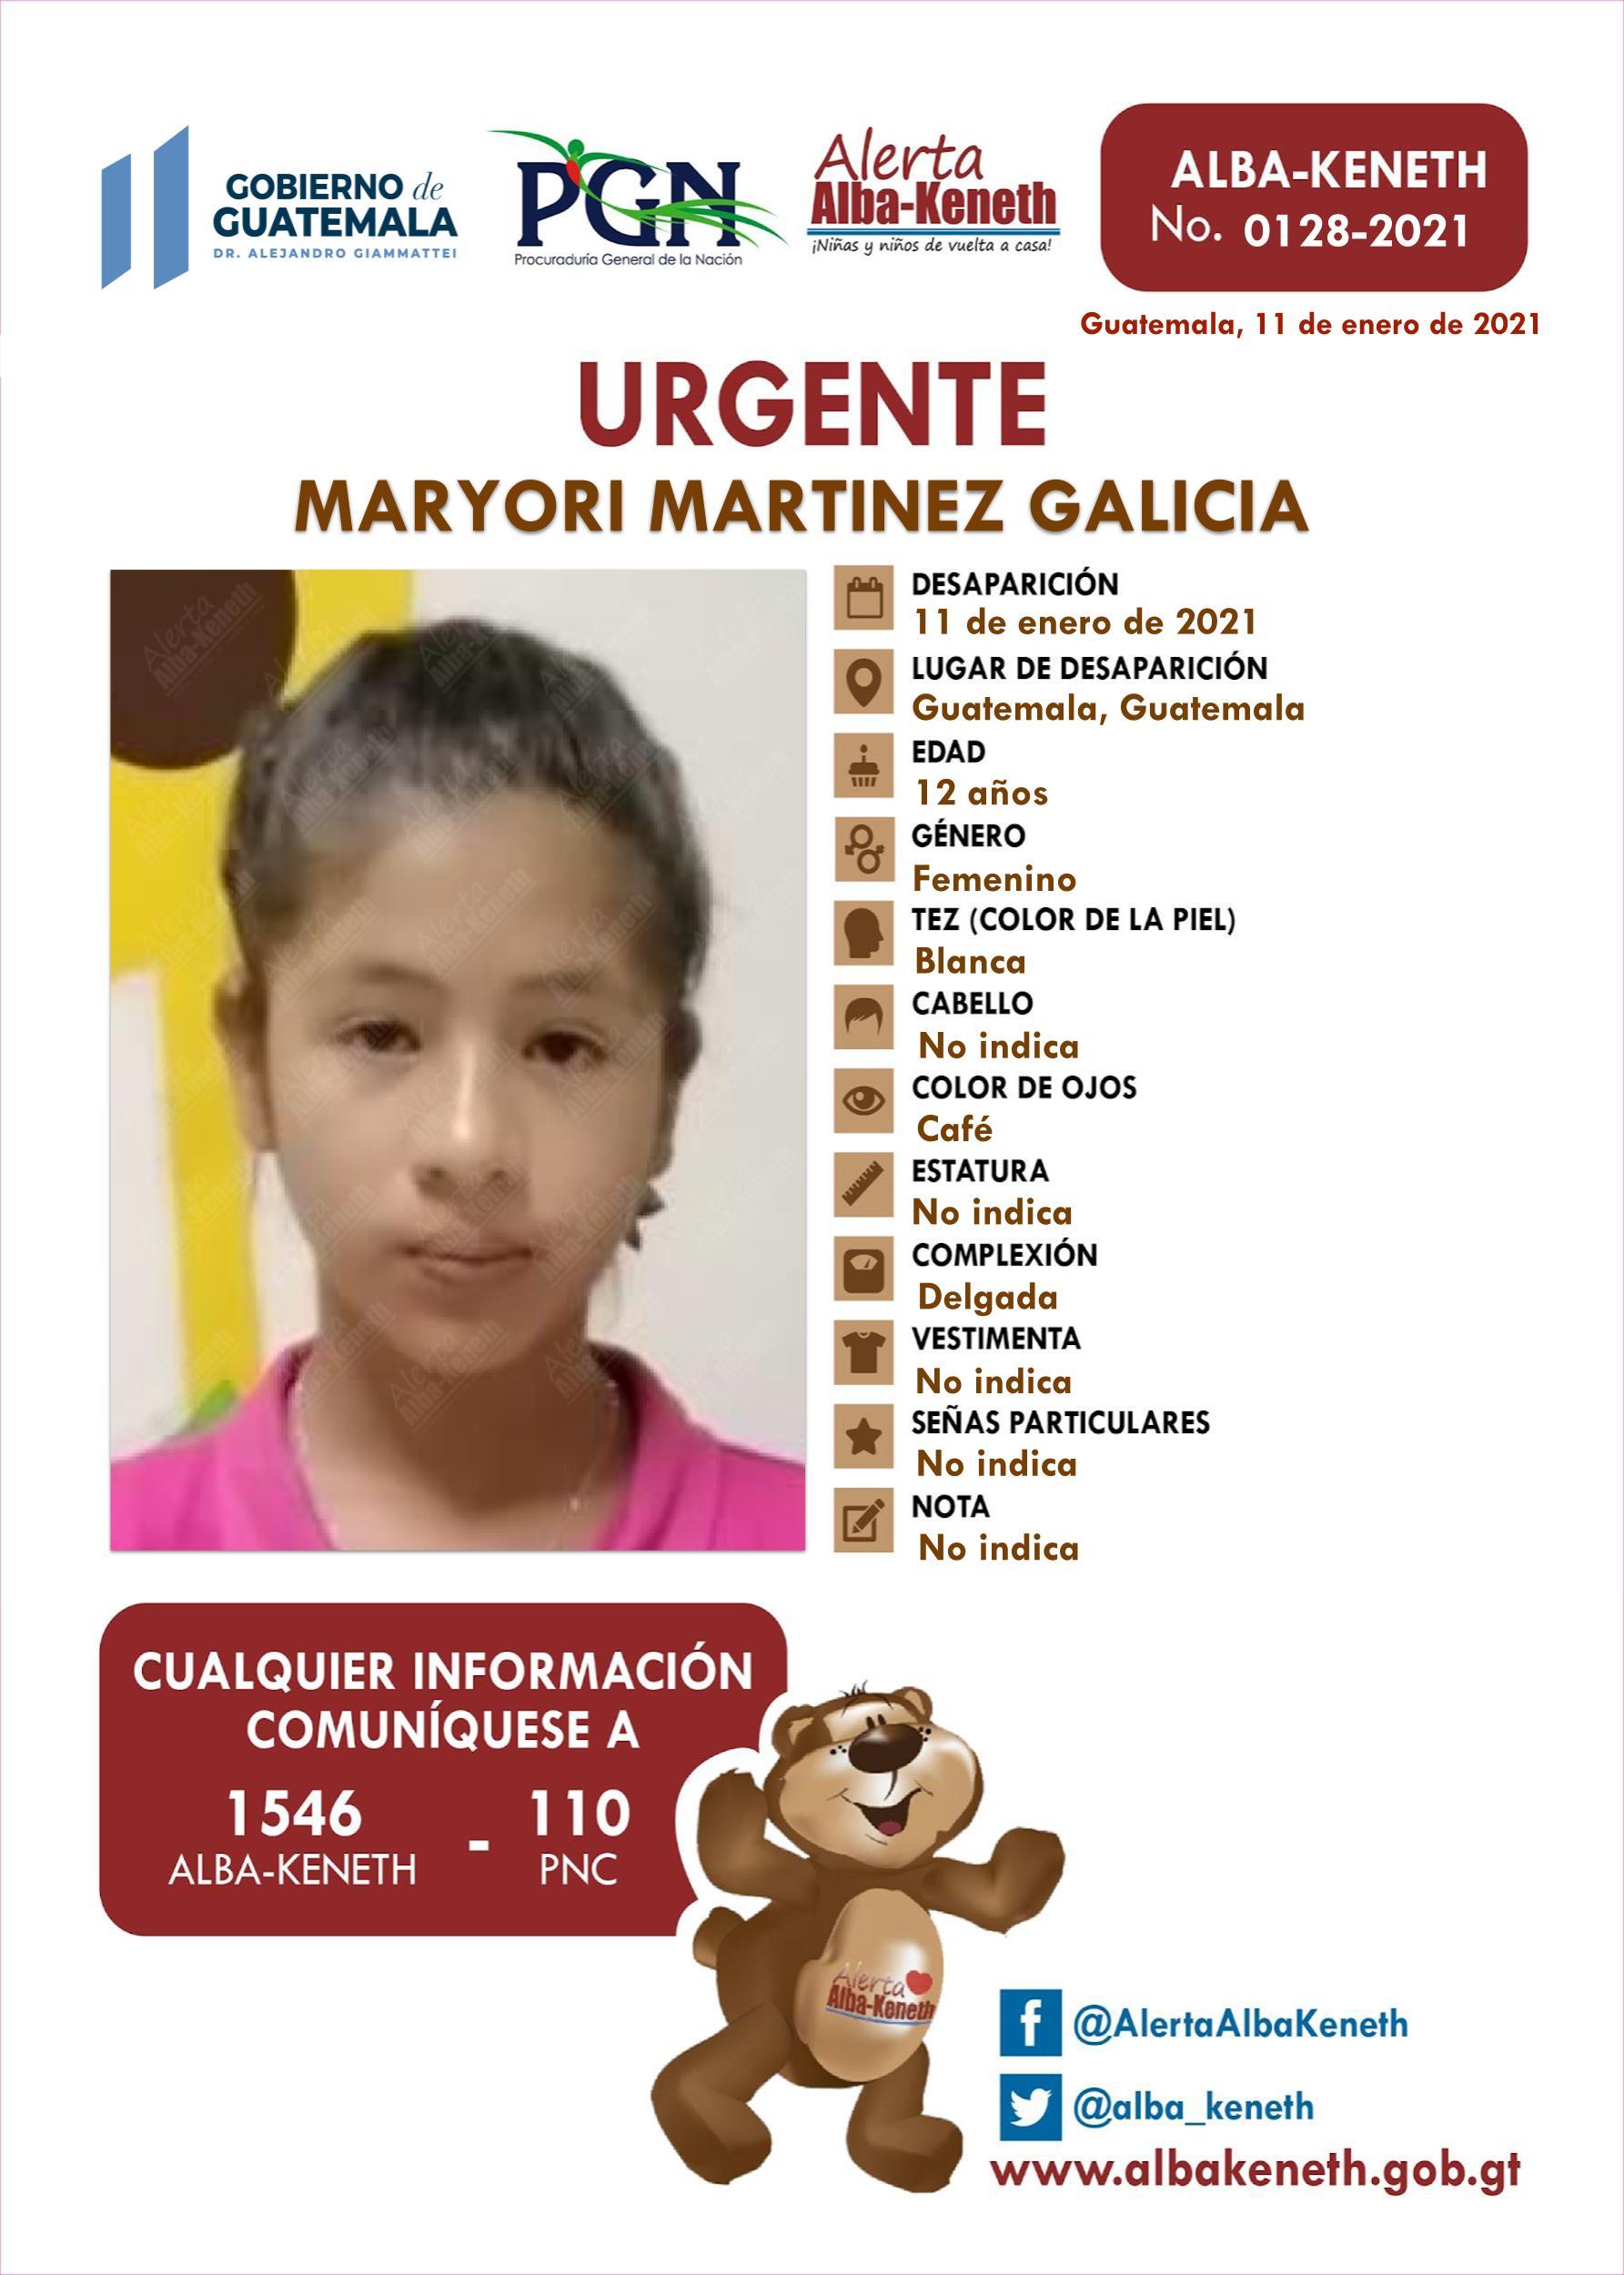 Maryori Martinez Galicia